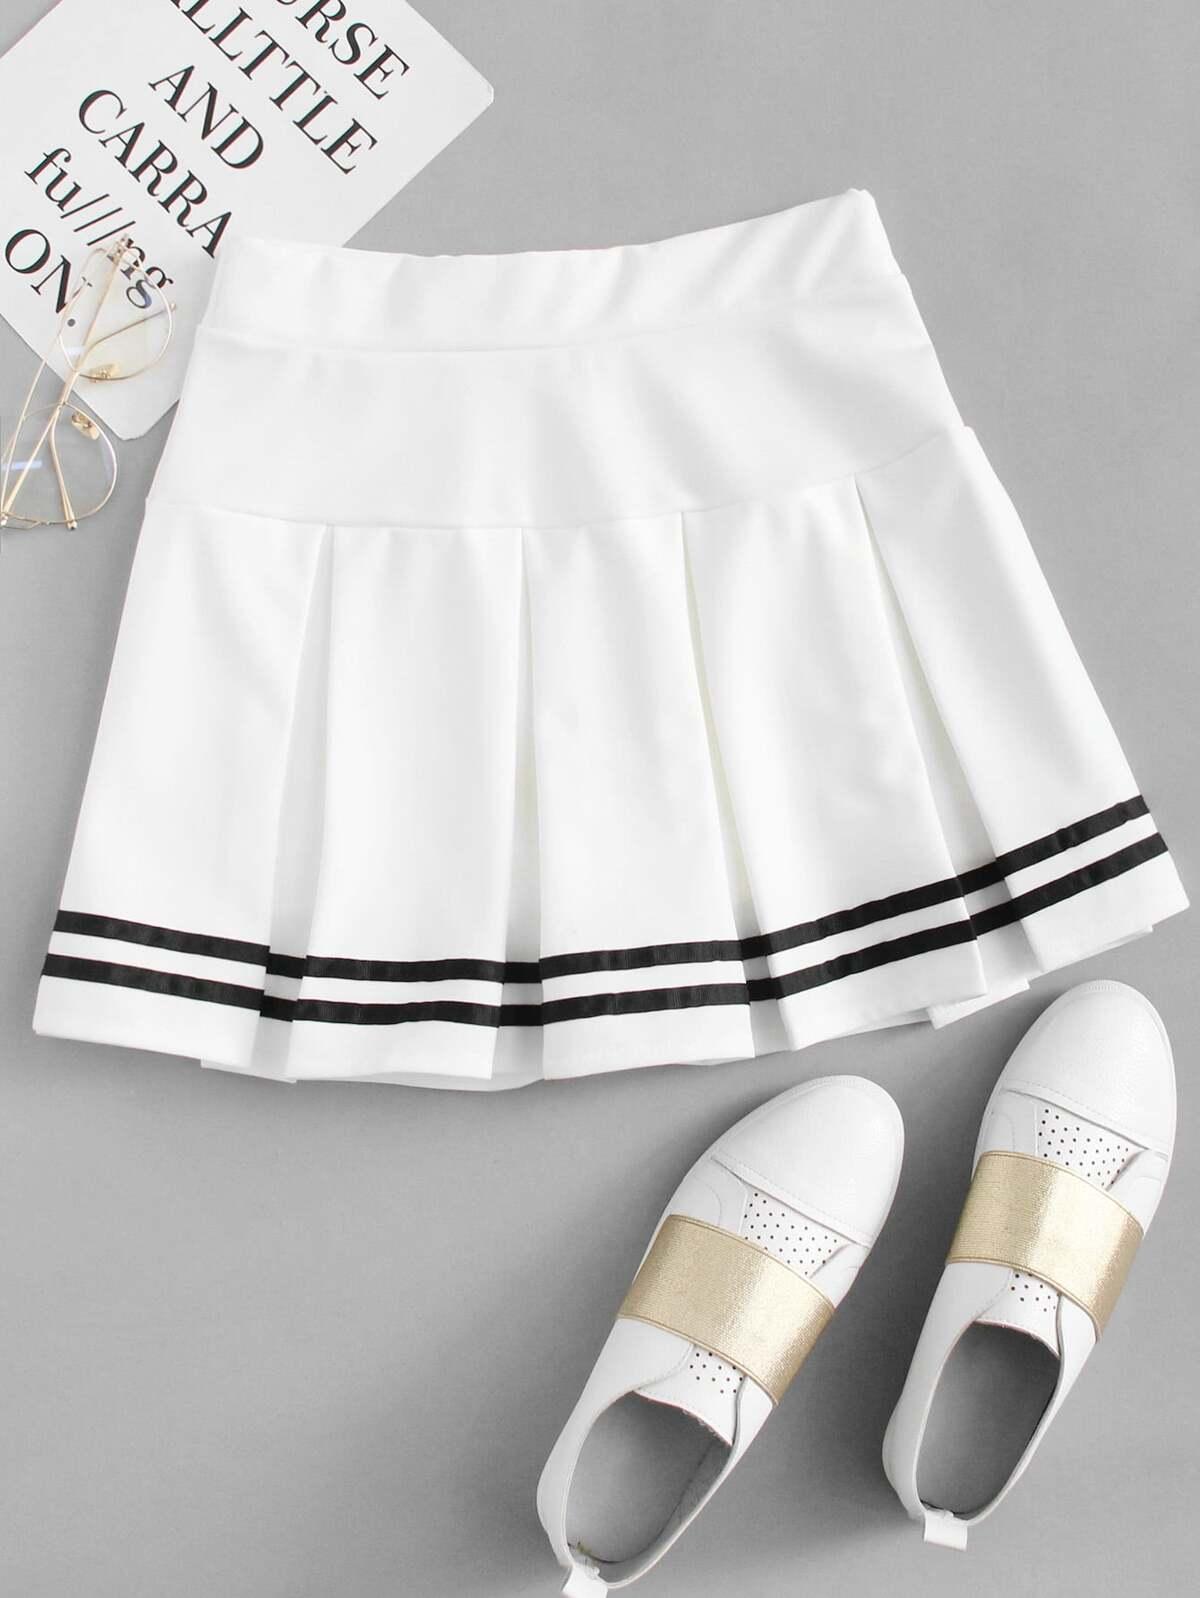 大學條紋 打褶裙子